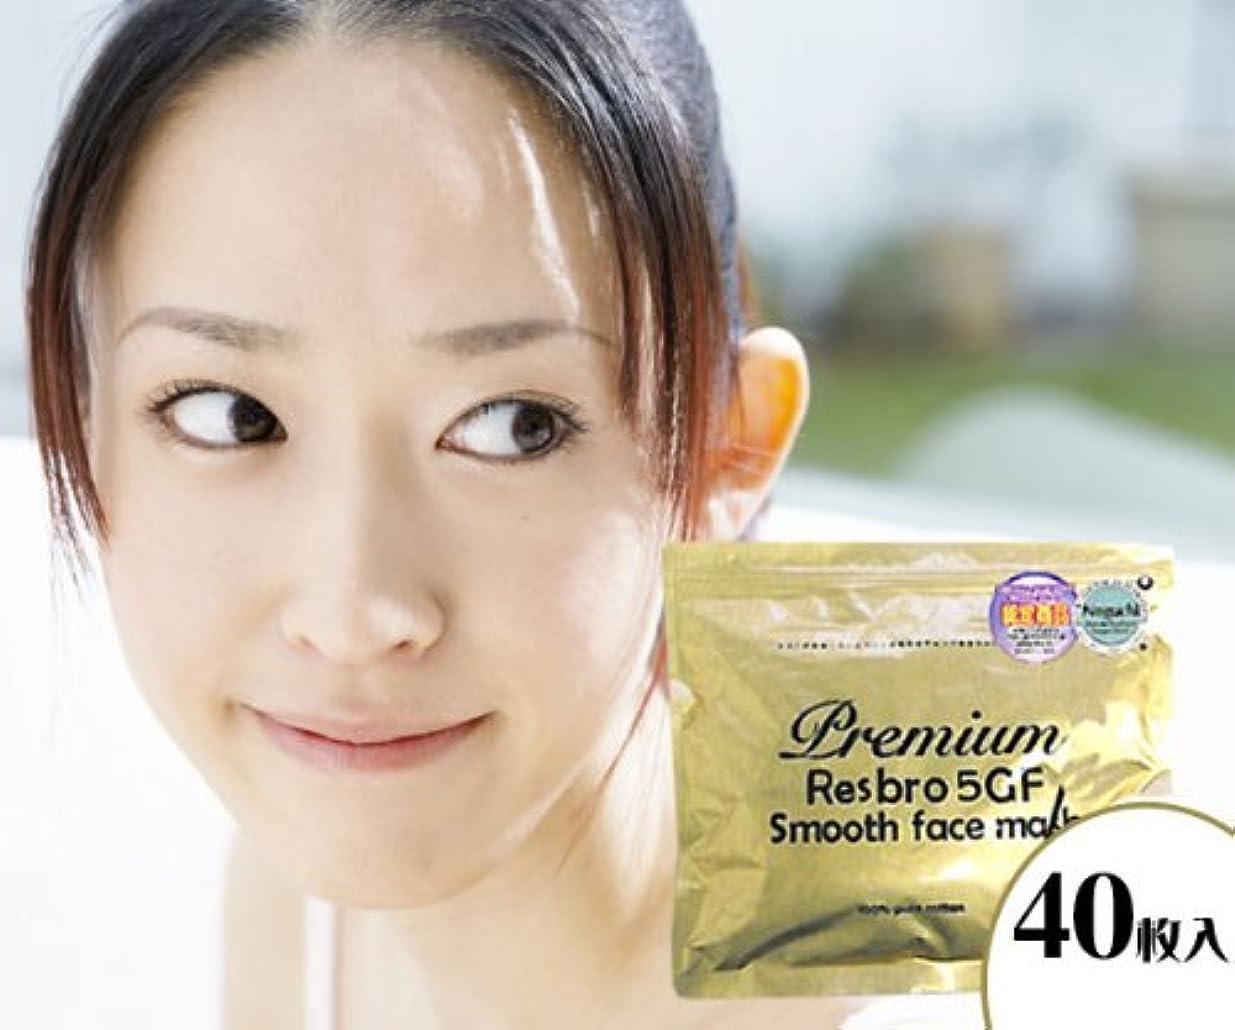 厚いセラフビヨンレスブロ5GFスムースフェイスマスク 40枚入り (こちらの商品の内訳は『40点』のみ)